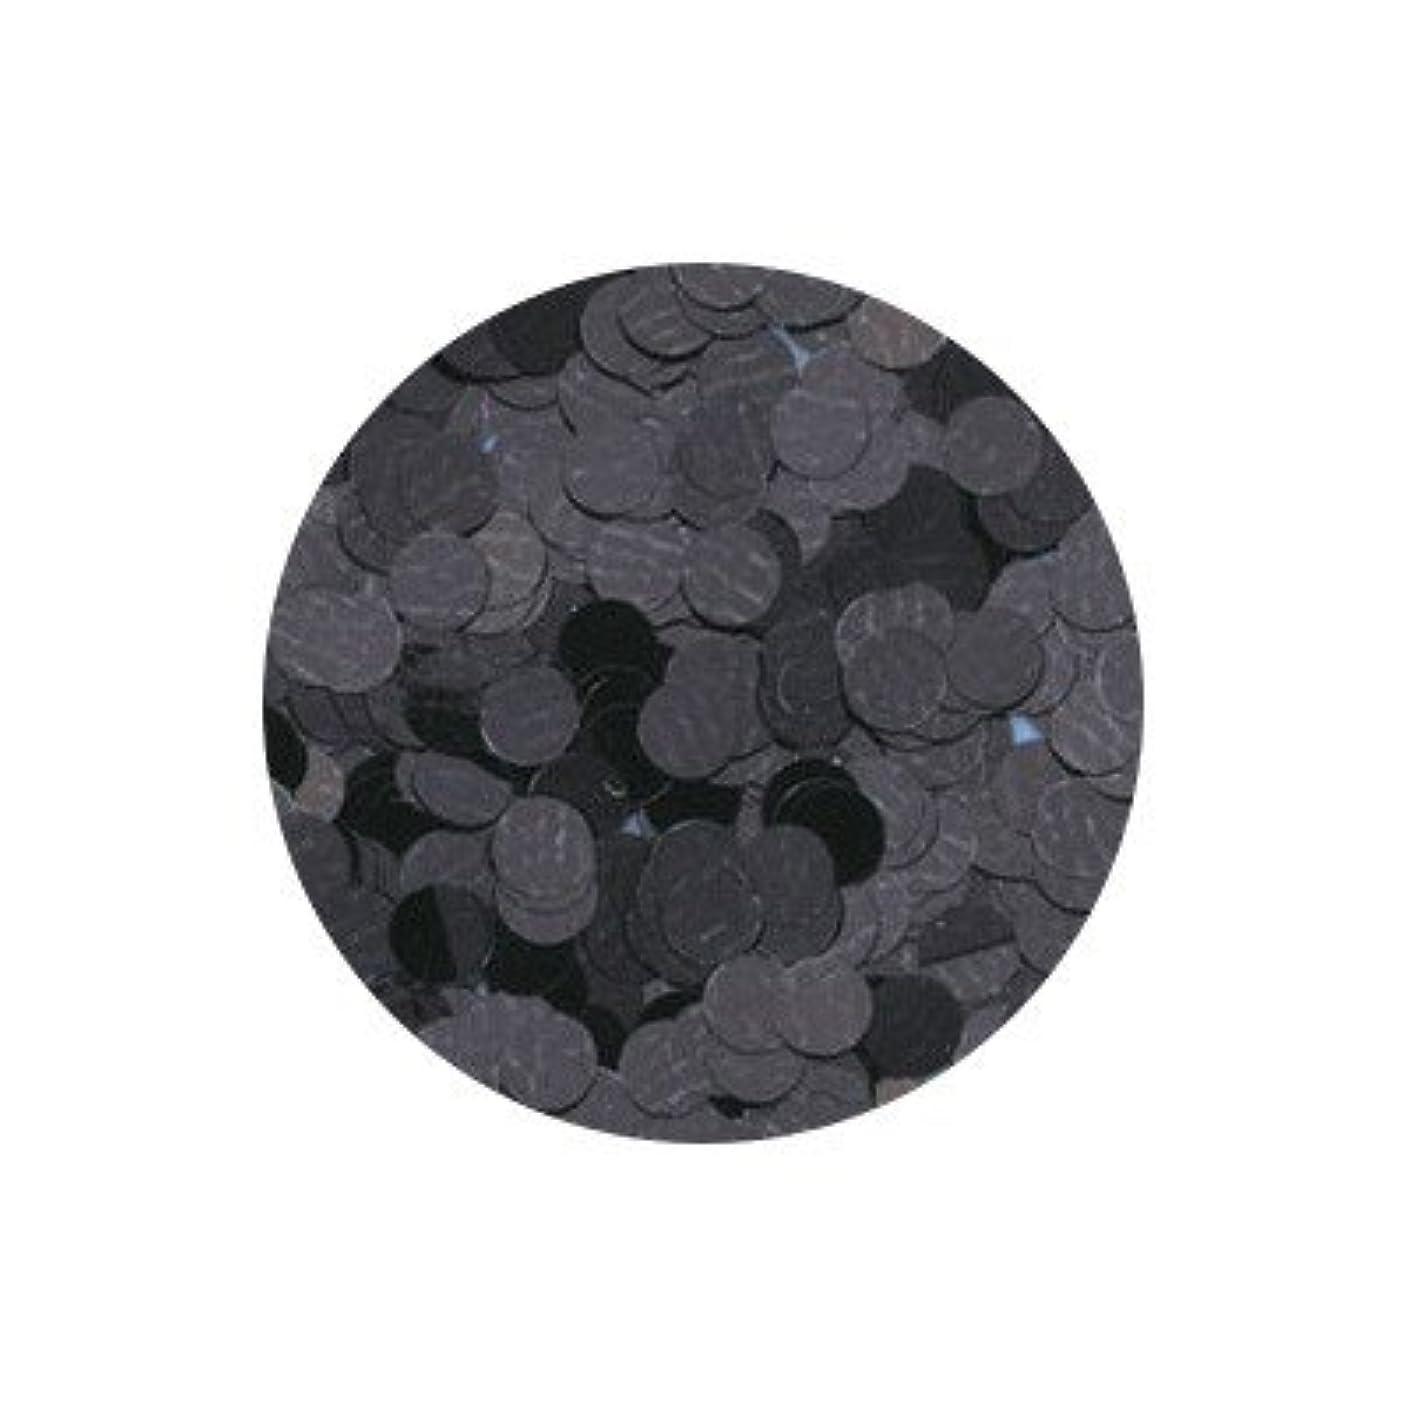 保安嵐日帰り旅行にピカエース ネイル用パウダー 丸カラー 1mm #402 ブラック 0.5g